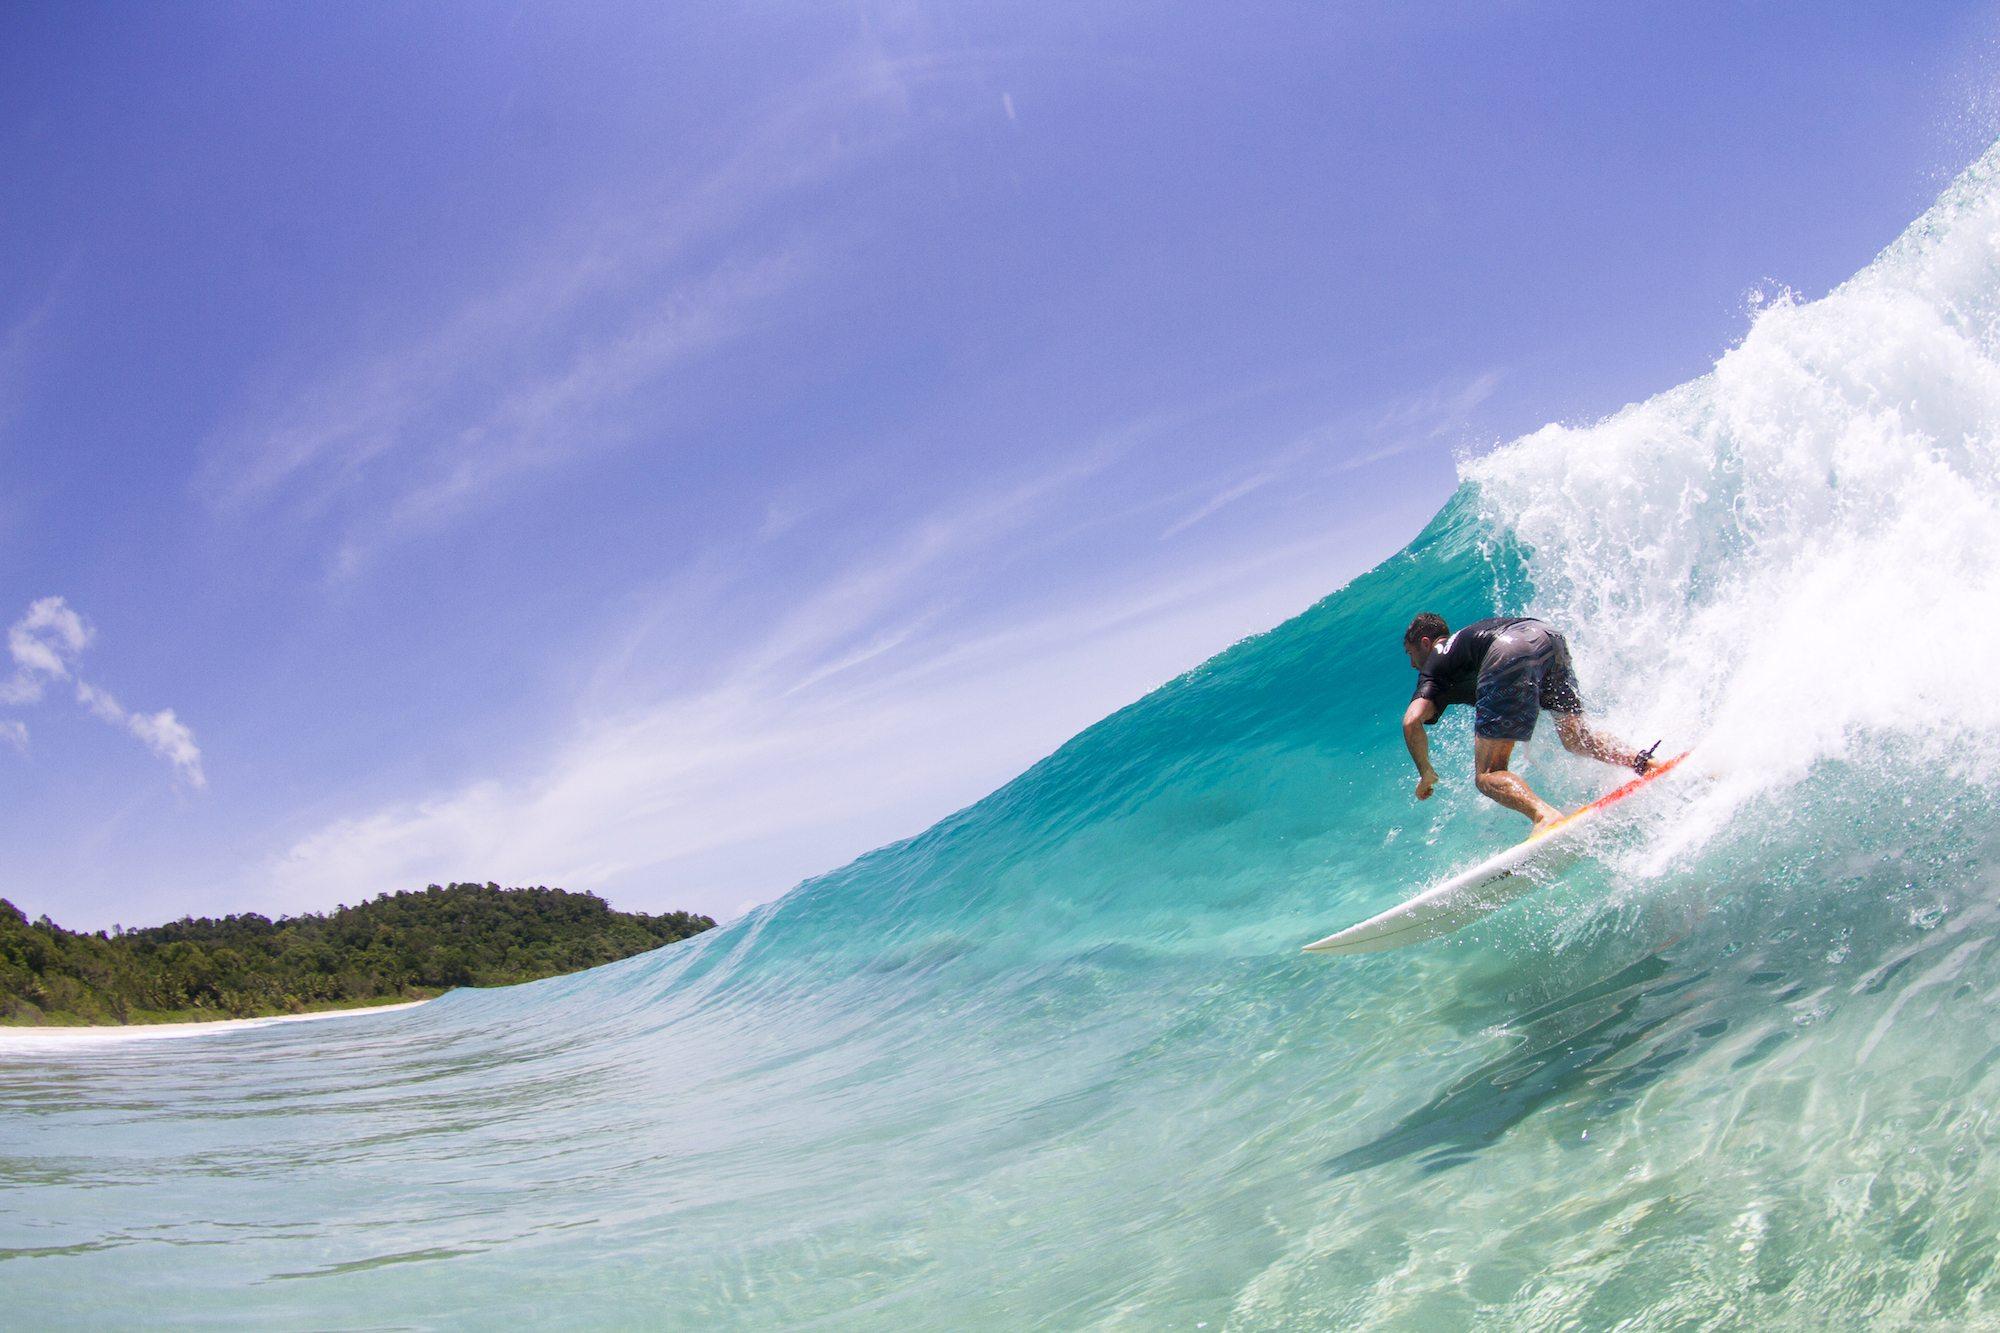 surfer in dumper wave, surf banyak